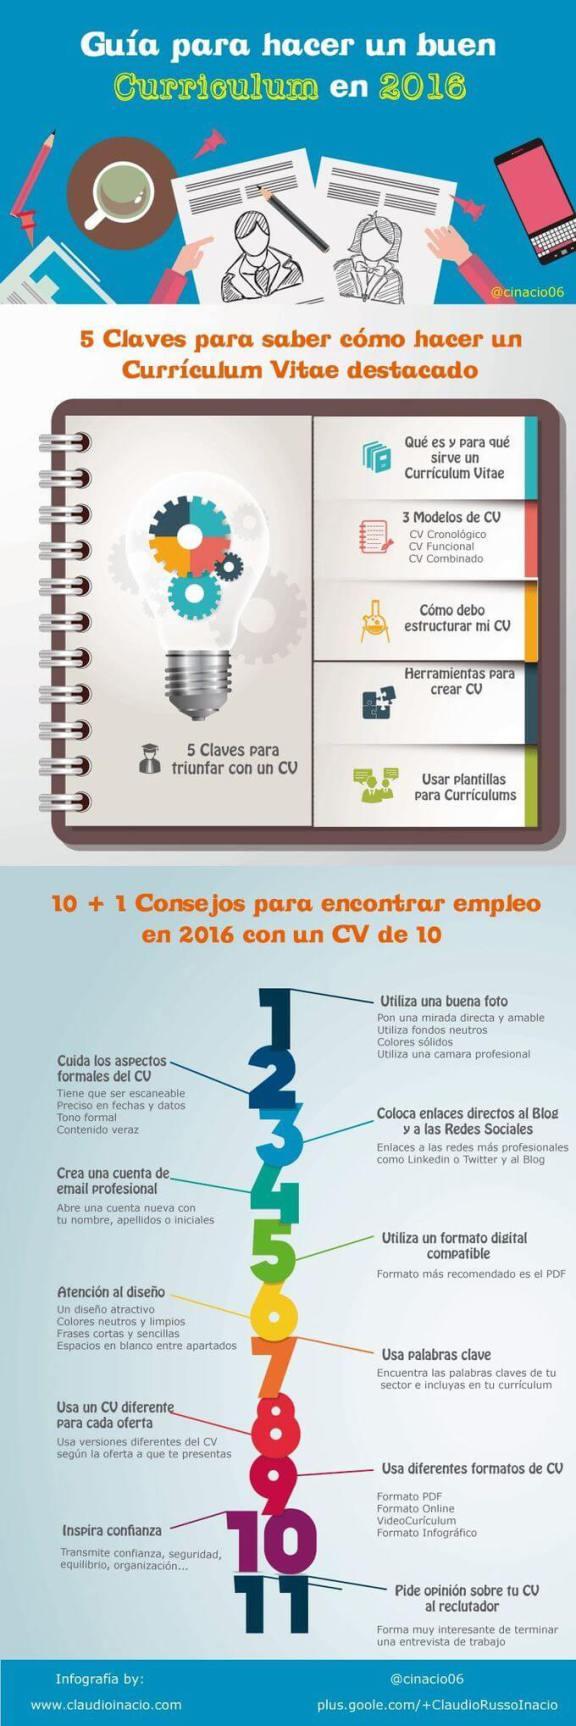 Guía para hacer un buen Currículum en 2016 #infografía | marca ...